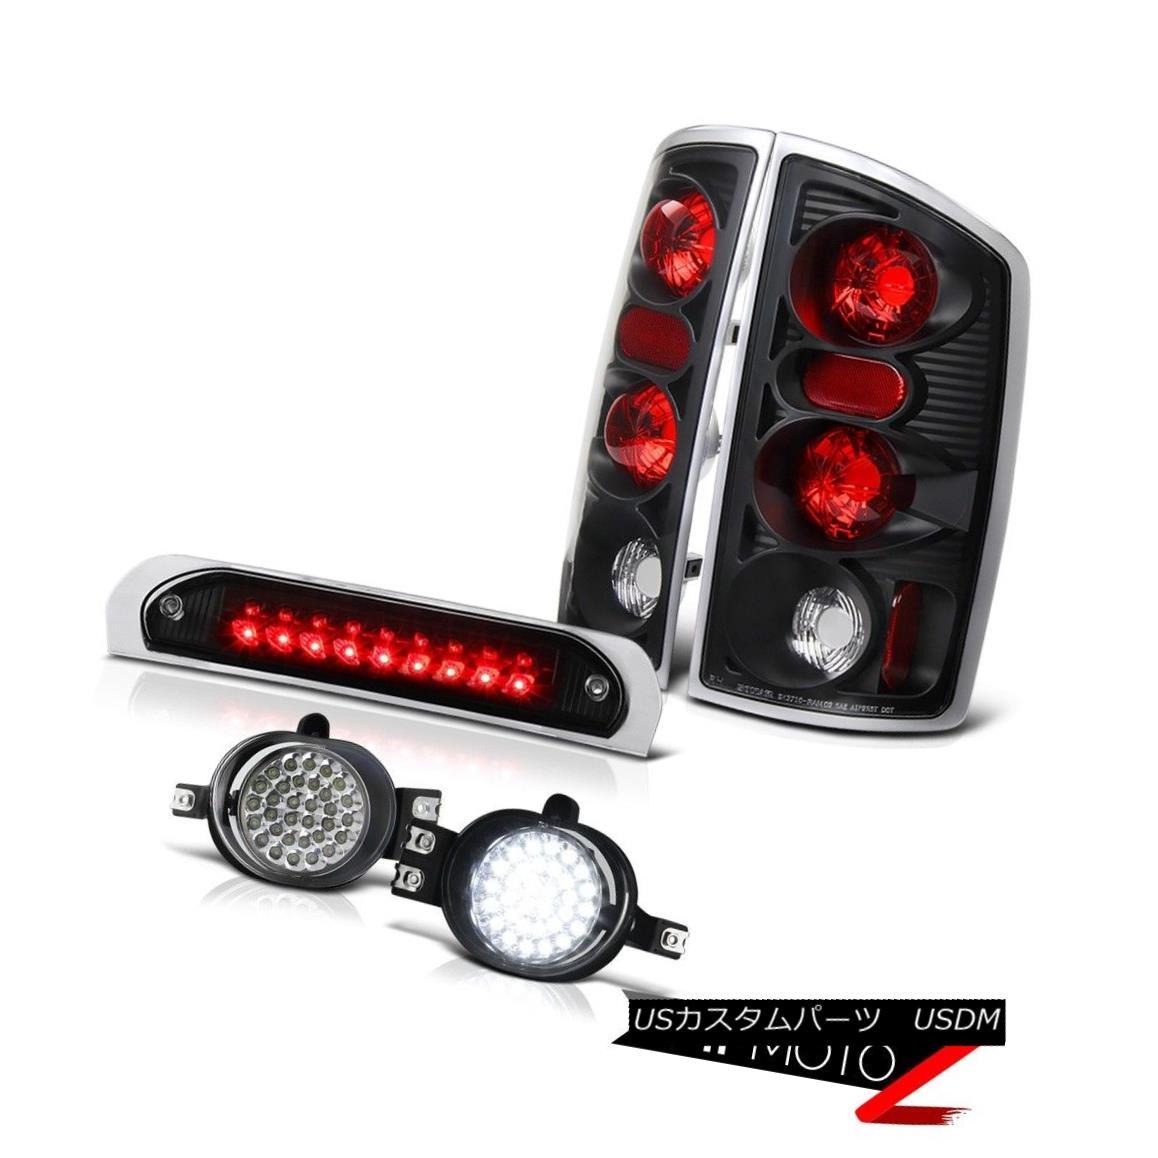 テールライト Signal Tail Lights Black SMD Foglights High Stop LED 3rd 02 03 04 05 Ram 2500 信号テールライト黒SMDフォグライトハイストップLED 3rd 02 03 04 05 Ram 2500